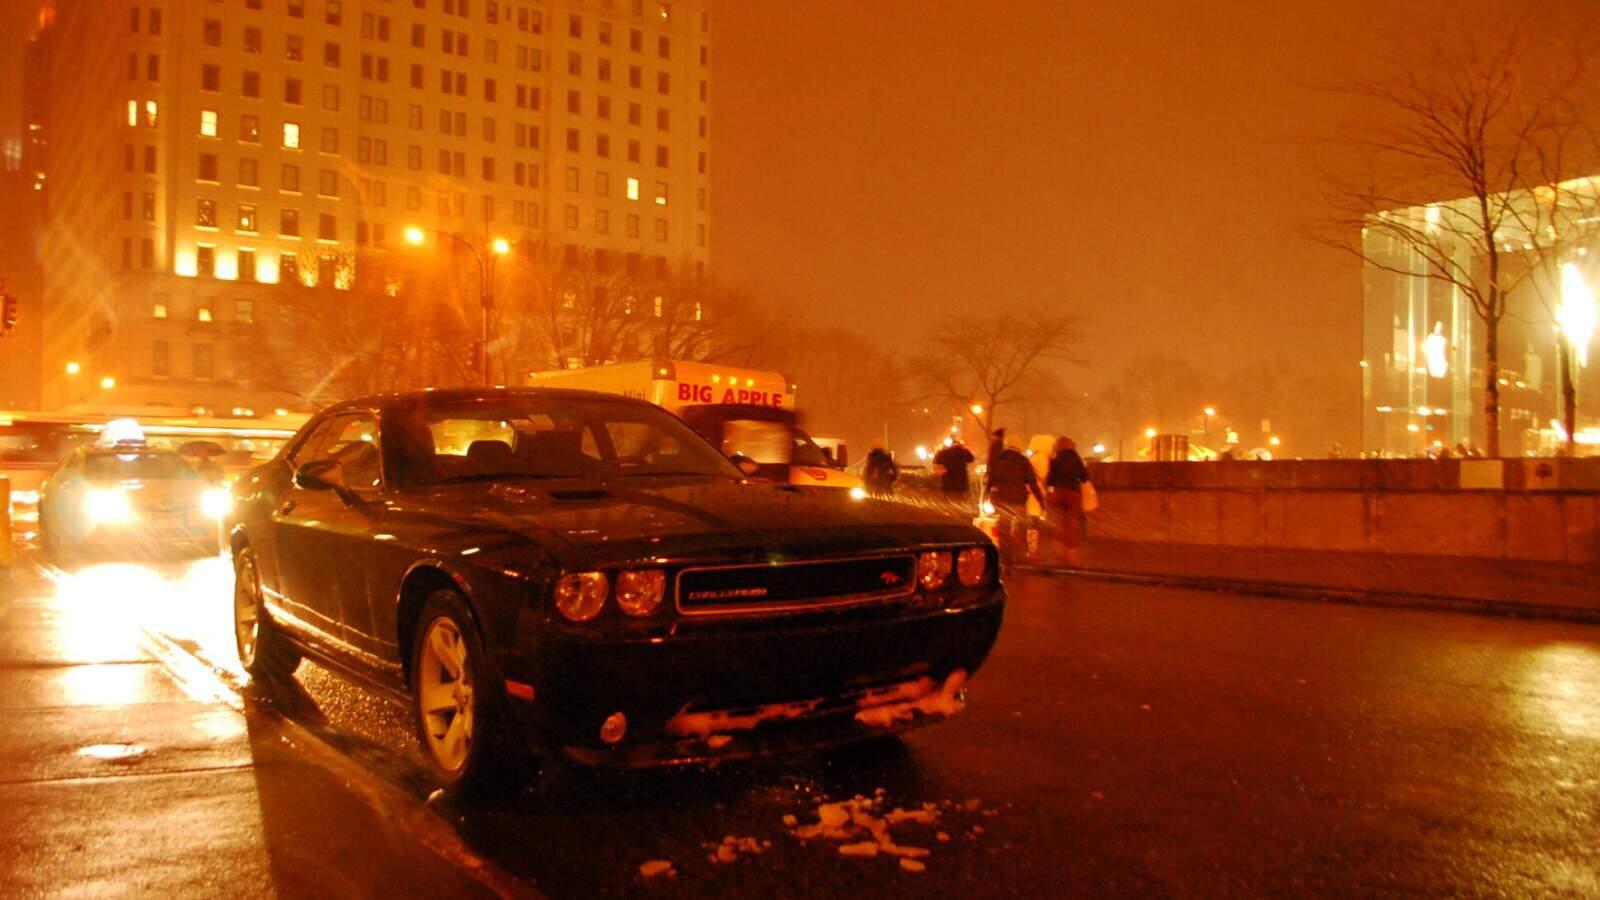 Dodge challenger v noci pred hotelem v new yorku